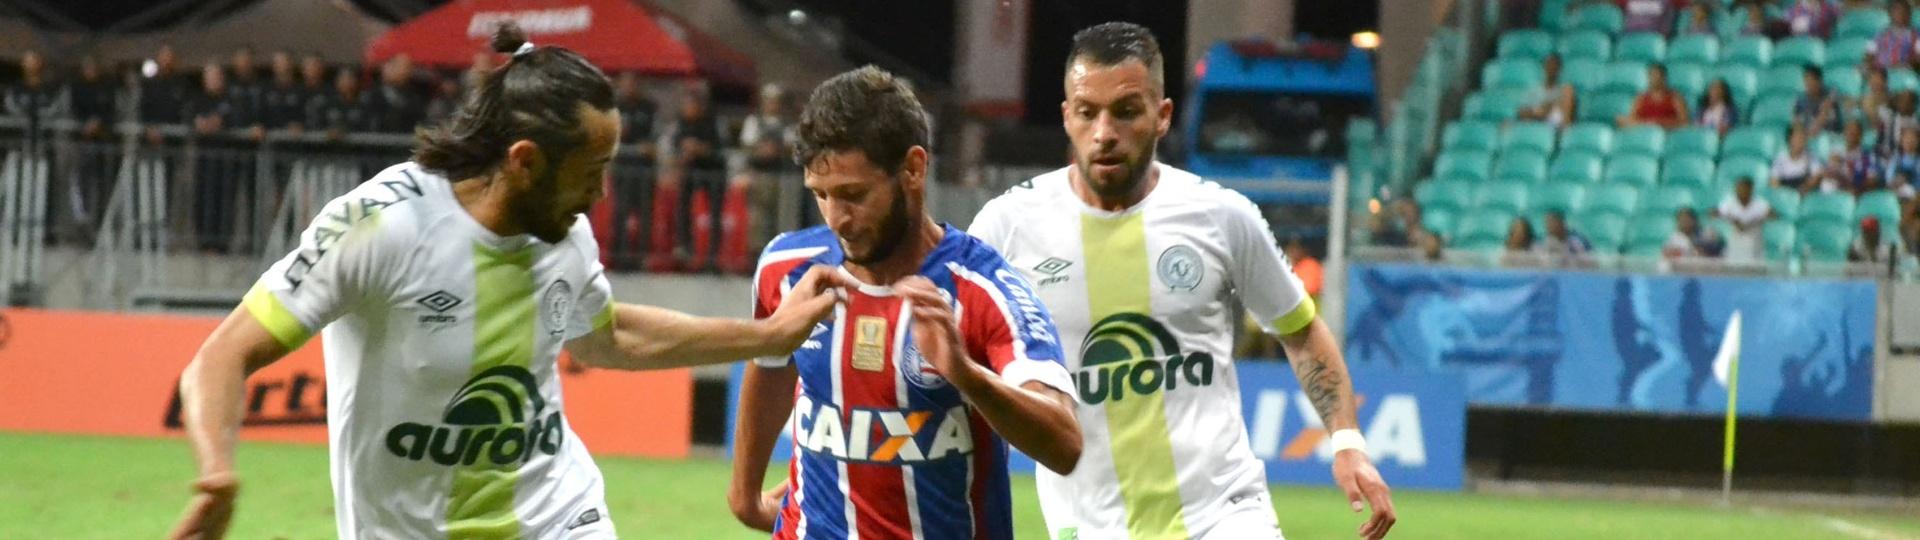 Zé Rafael e Apodi disputam lance em Bahia x Chapecoense